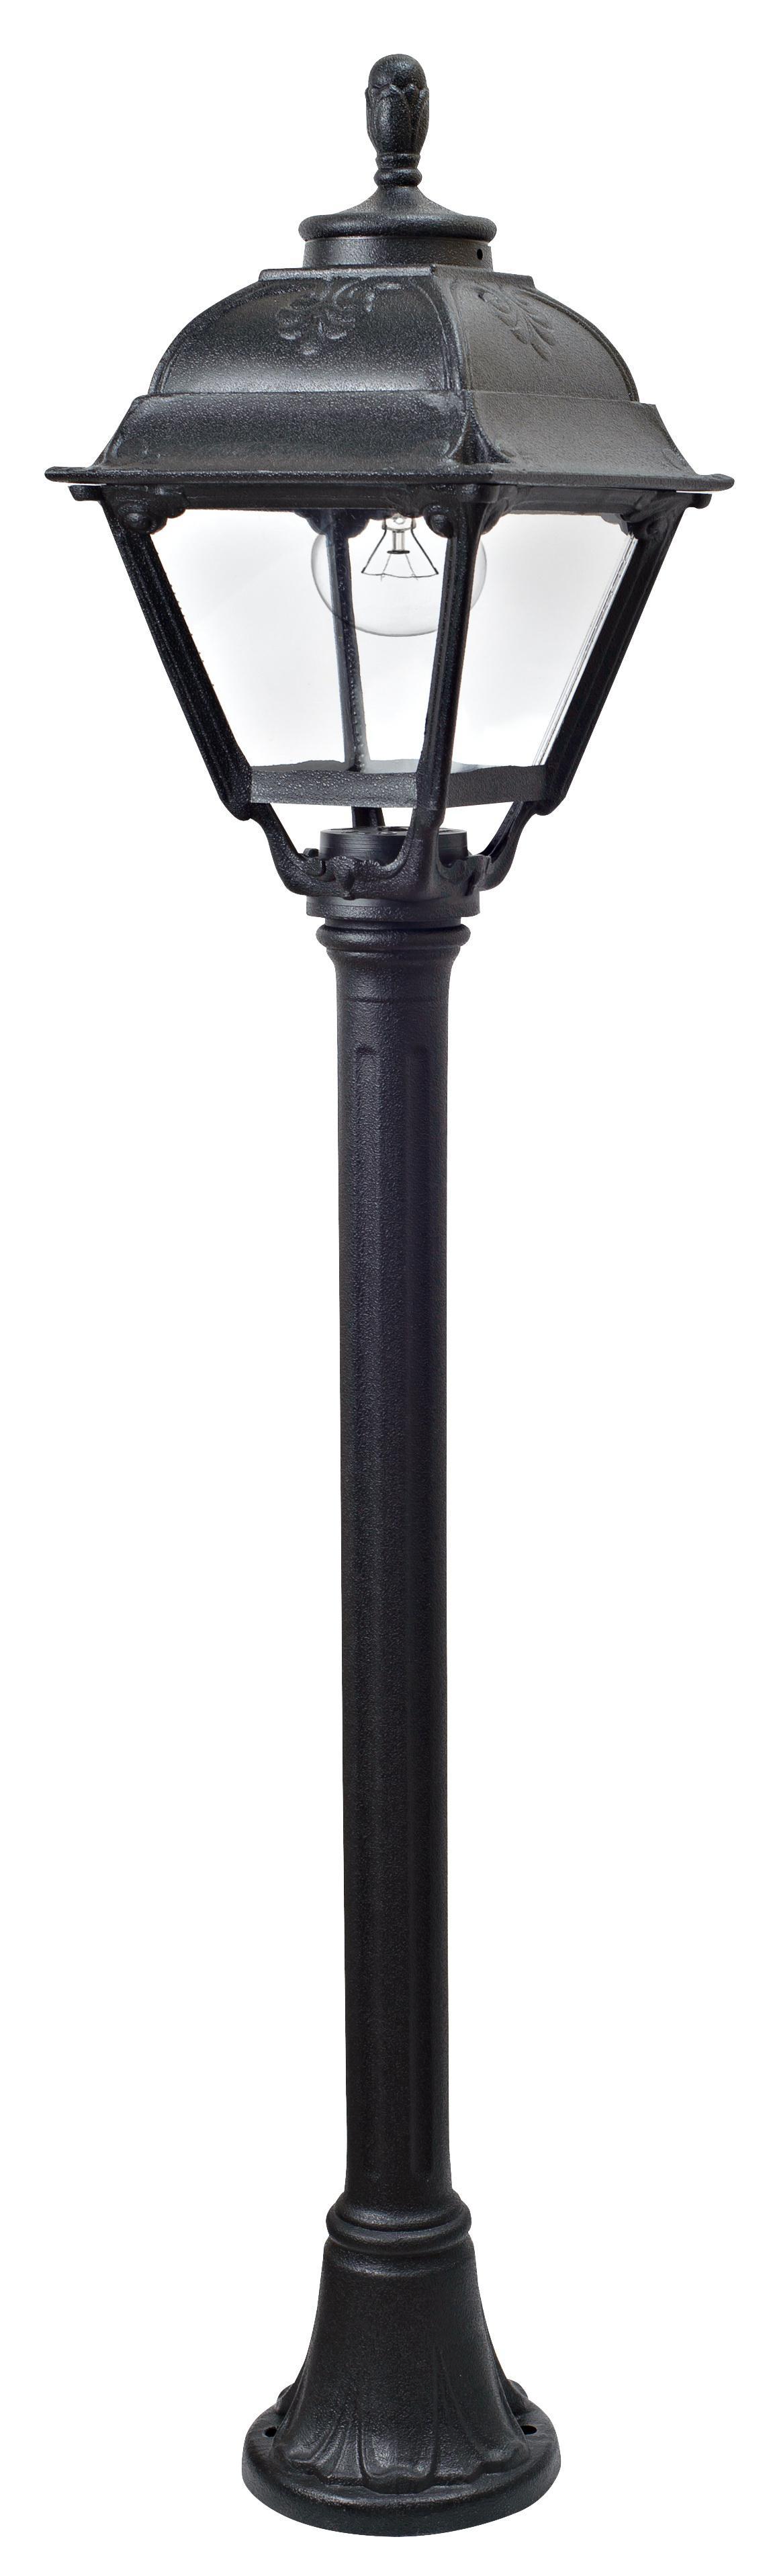 Светильник Fumagalli Cefa mizar, уличный, производство: Италия, черный прозрачный